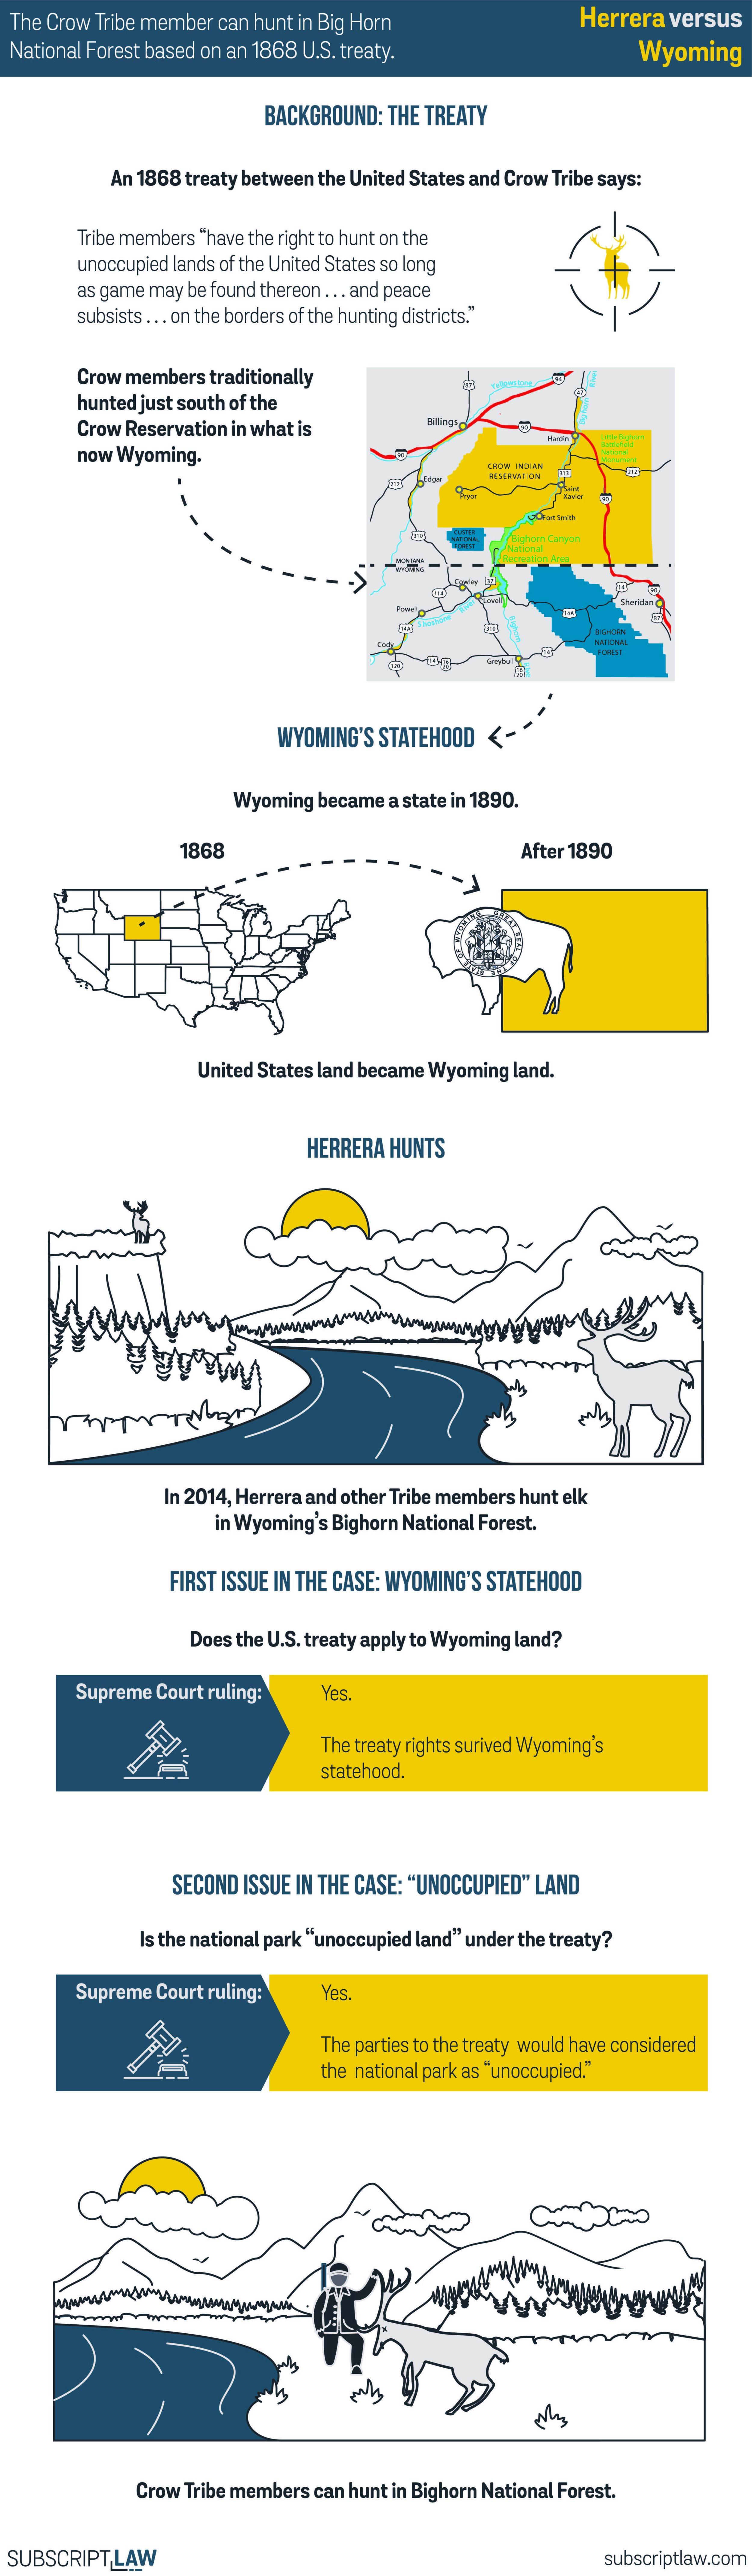 Herrera v Wyoming.jpg